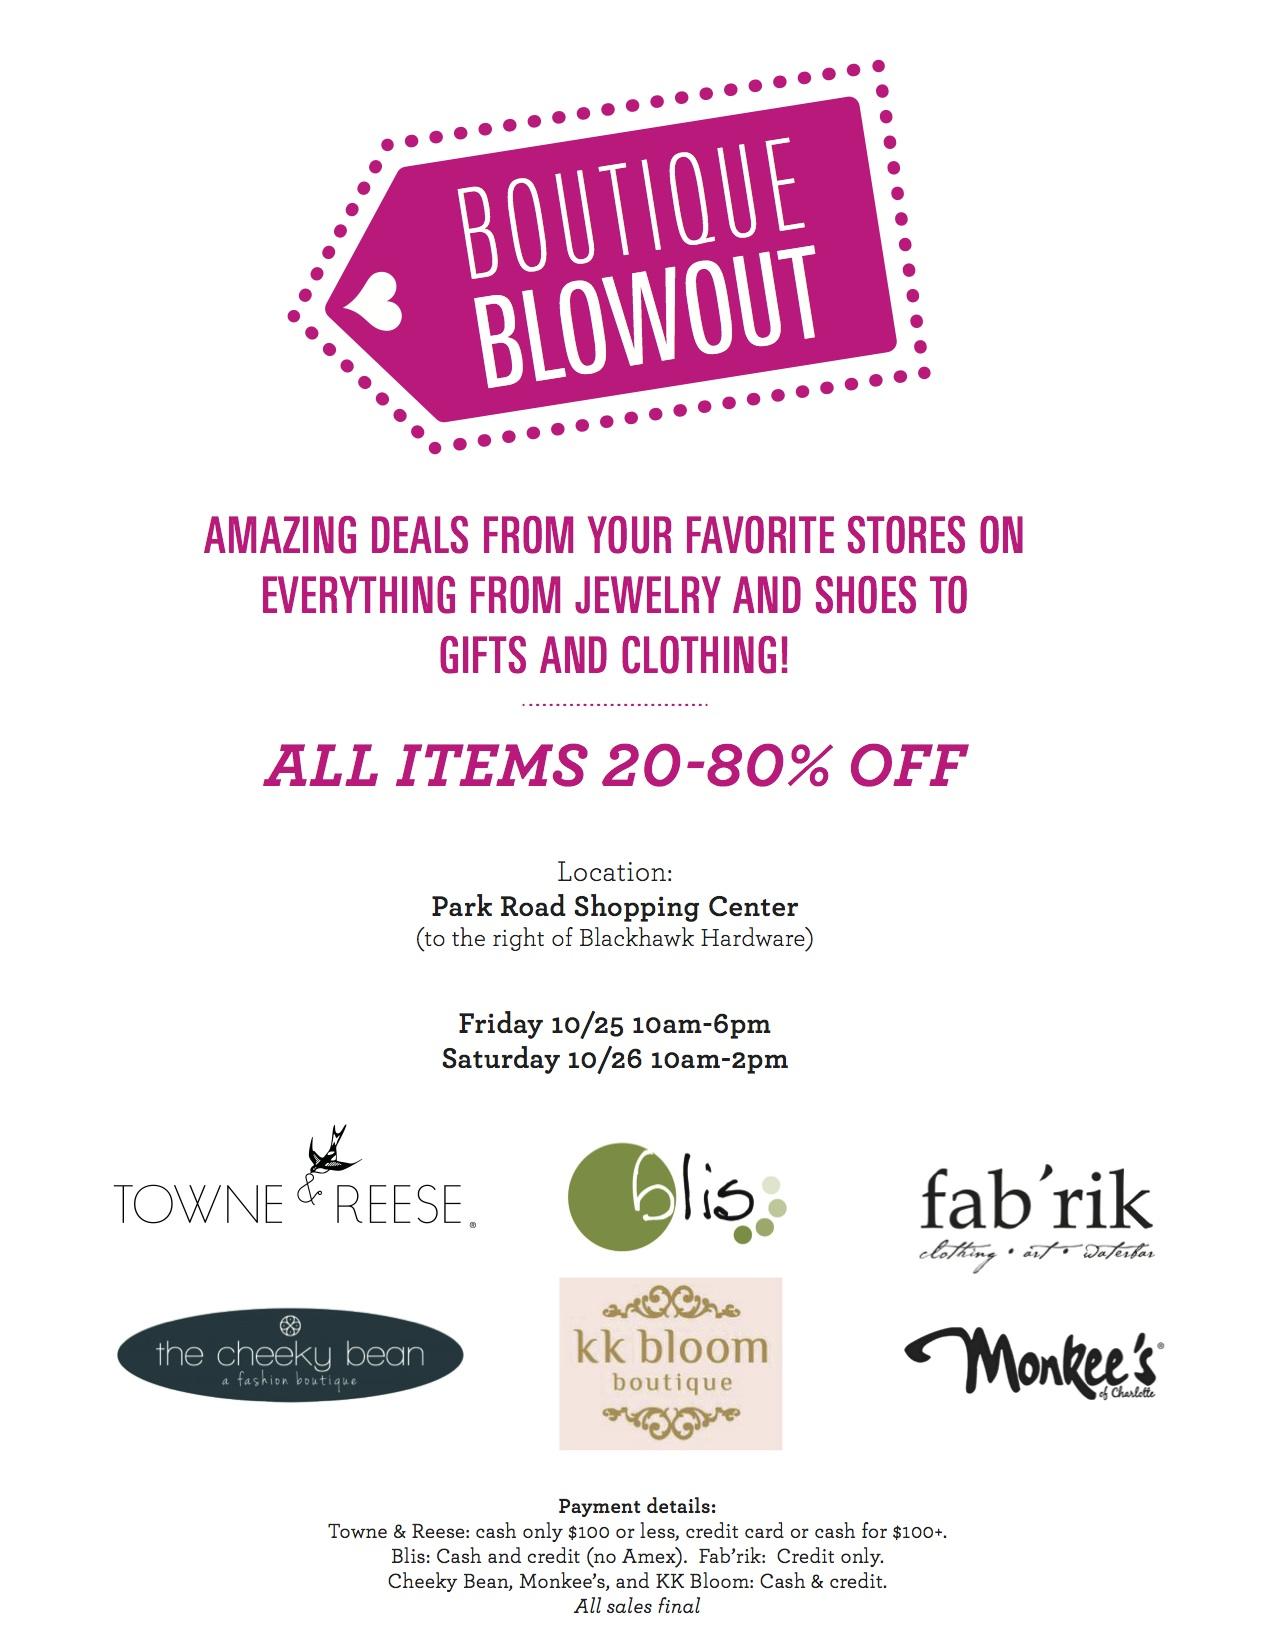 BoutiqueBlowout_Flyer (1)